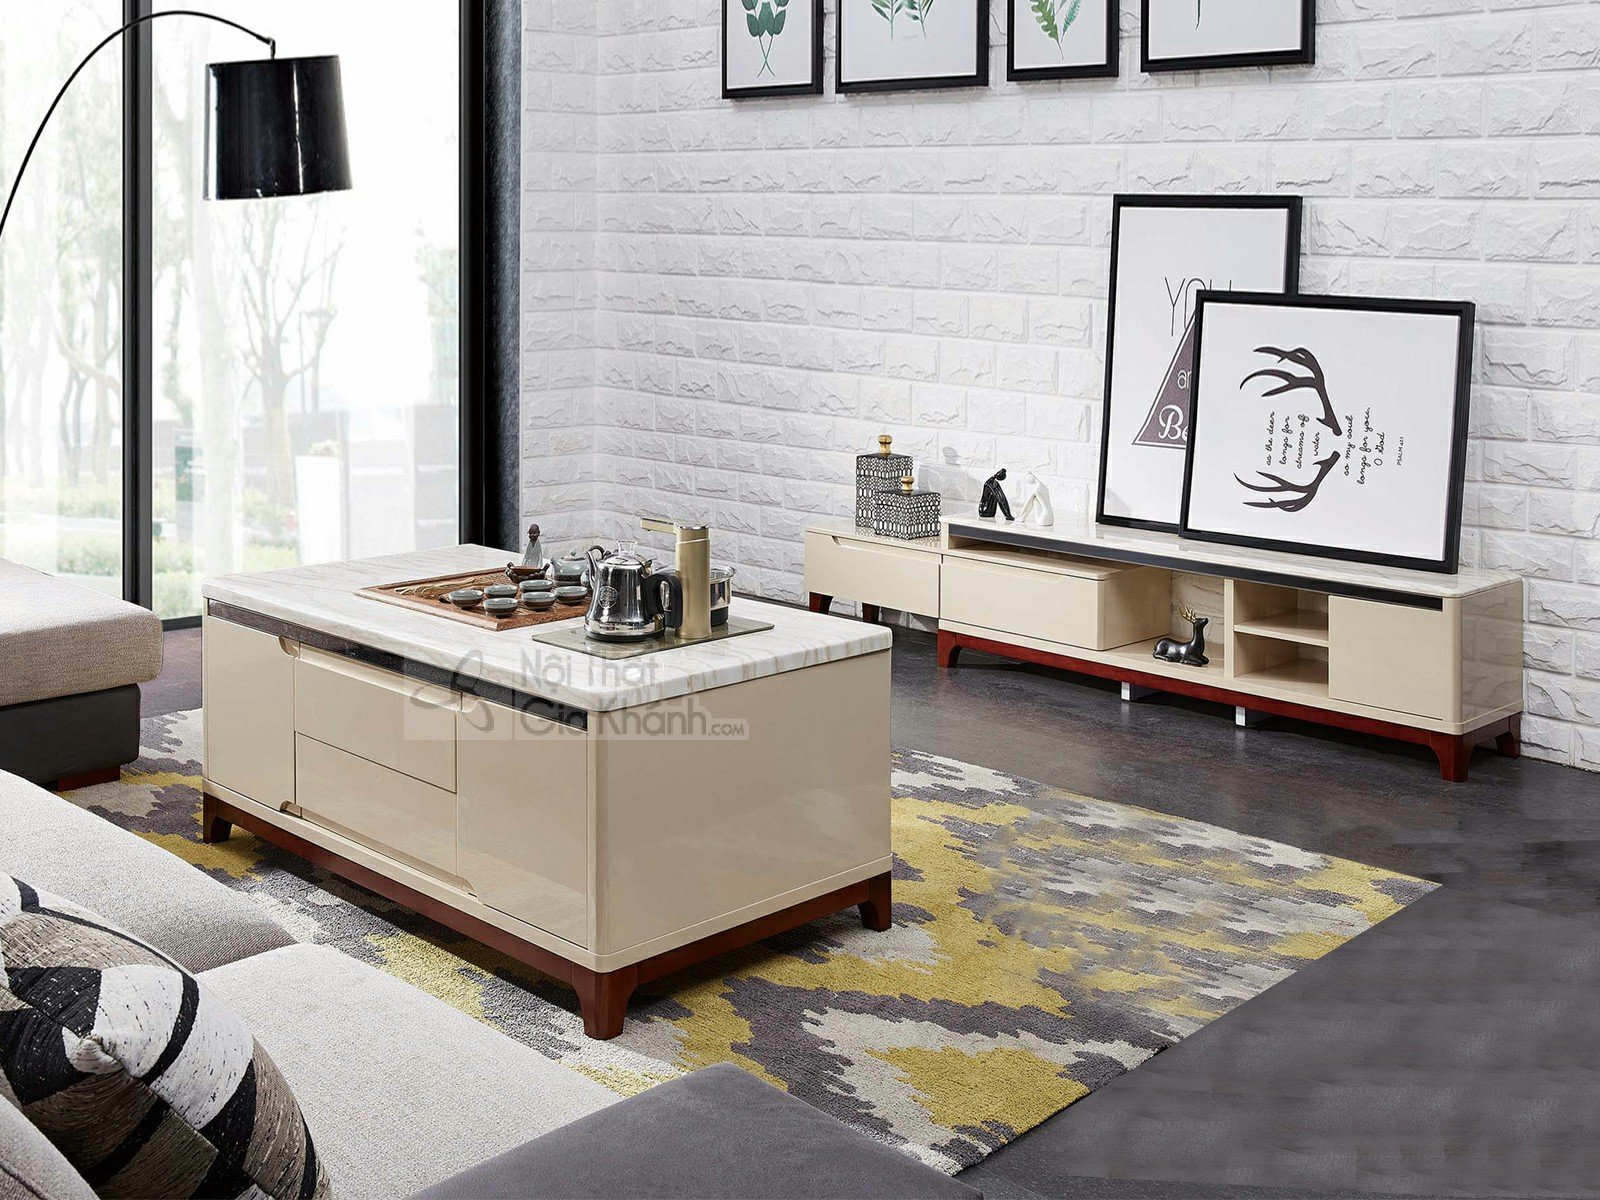 Kệ Tivi phòng khách hiện đại đơn giản gỗ công nghiệp mặt đá KT601-1D